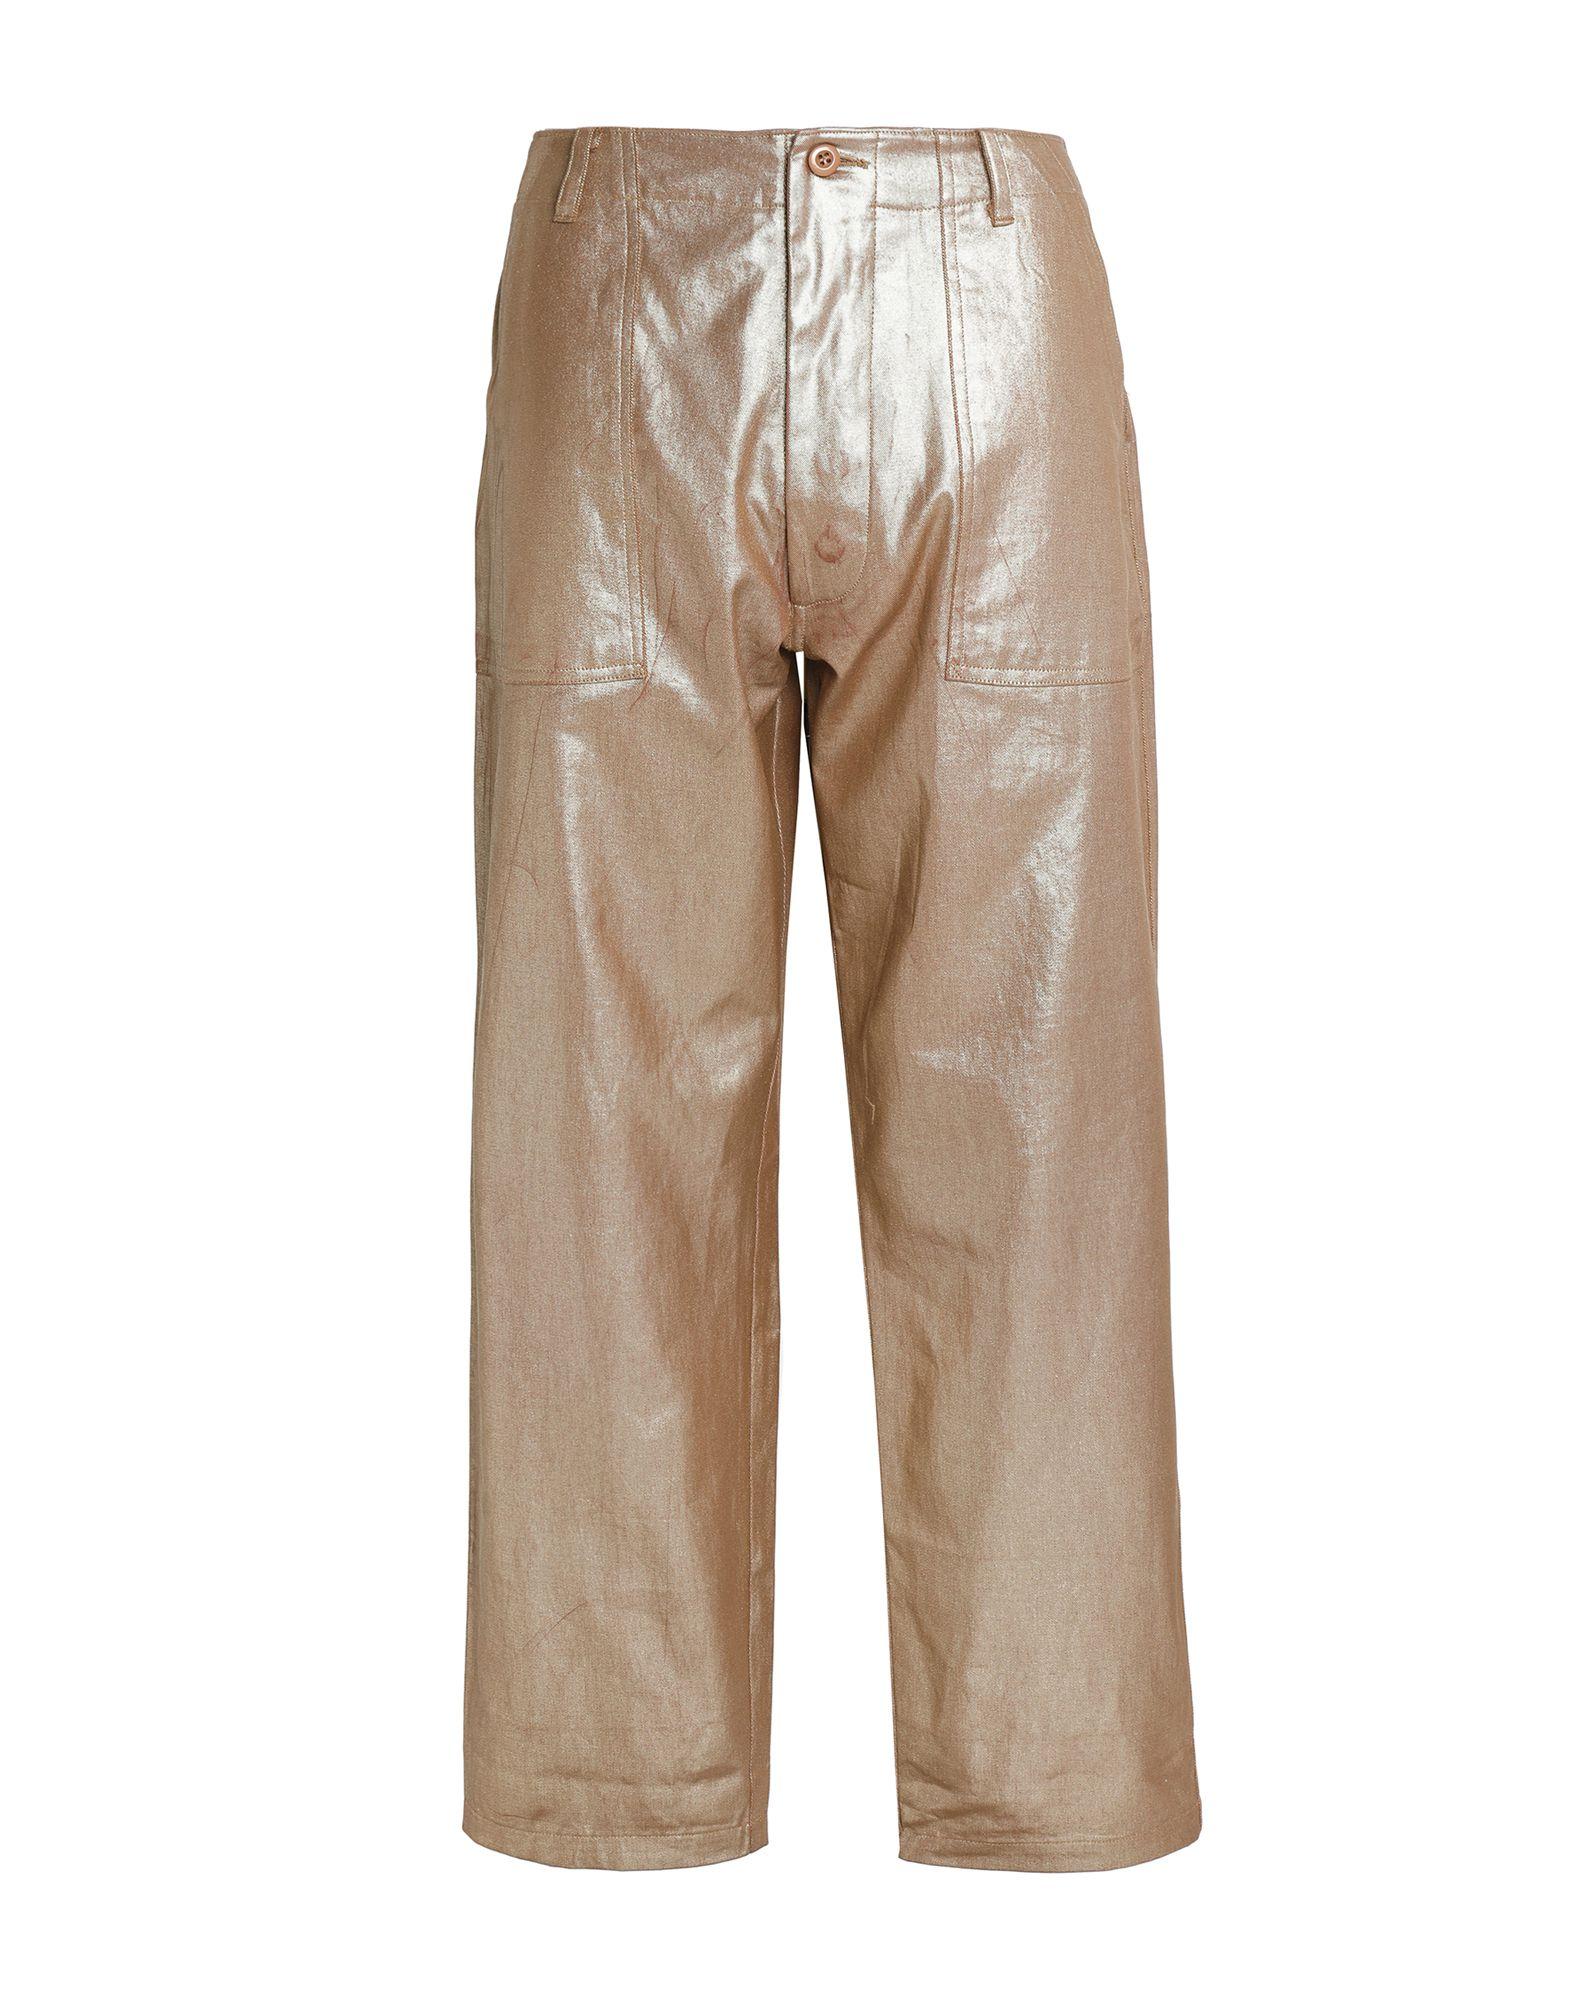 ANTIK BATIK Повседневные брюки batik batik брюки кира 1 серый